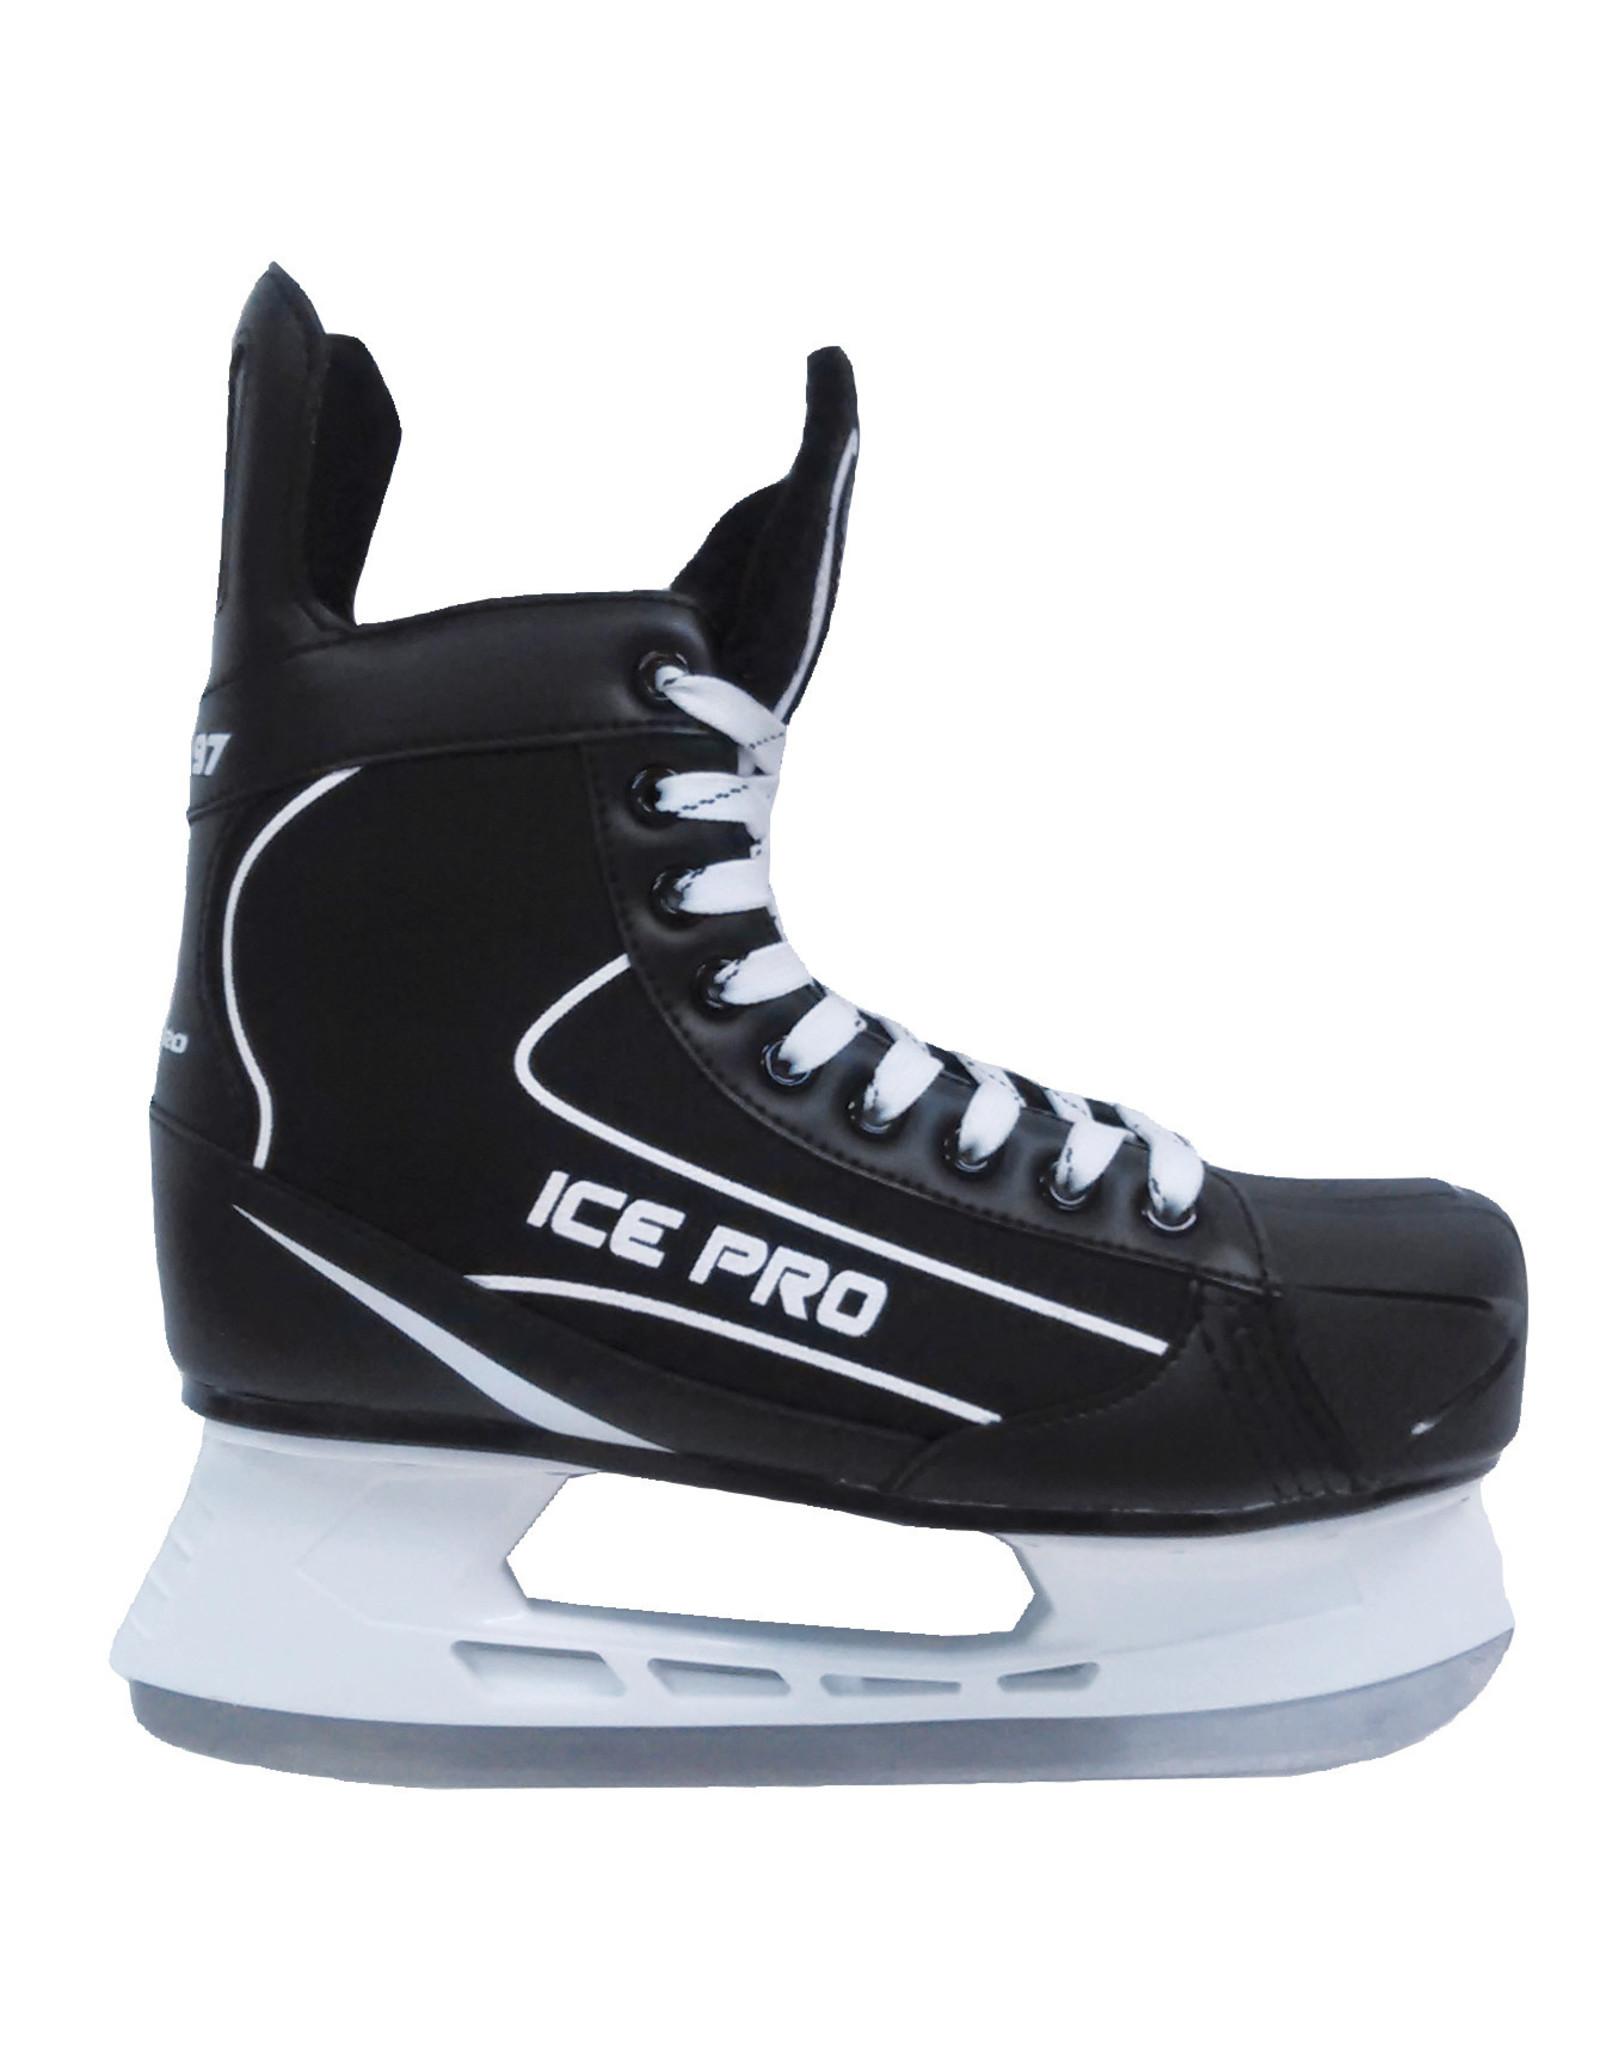 Hockey skate Ice Pro 97 SENIOR 5-12